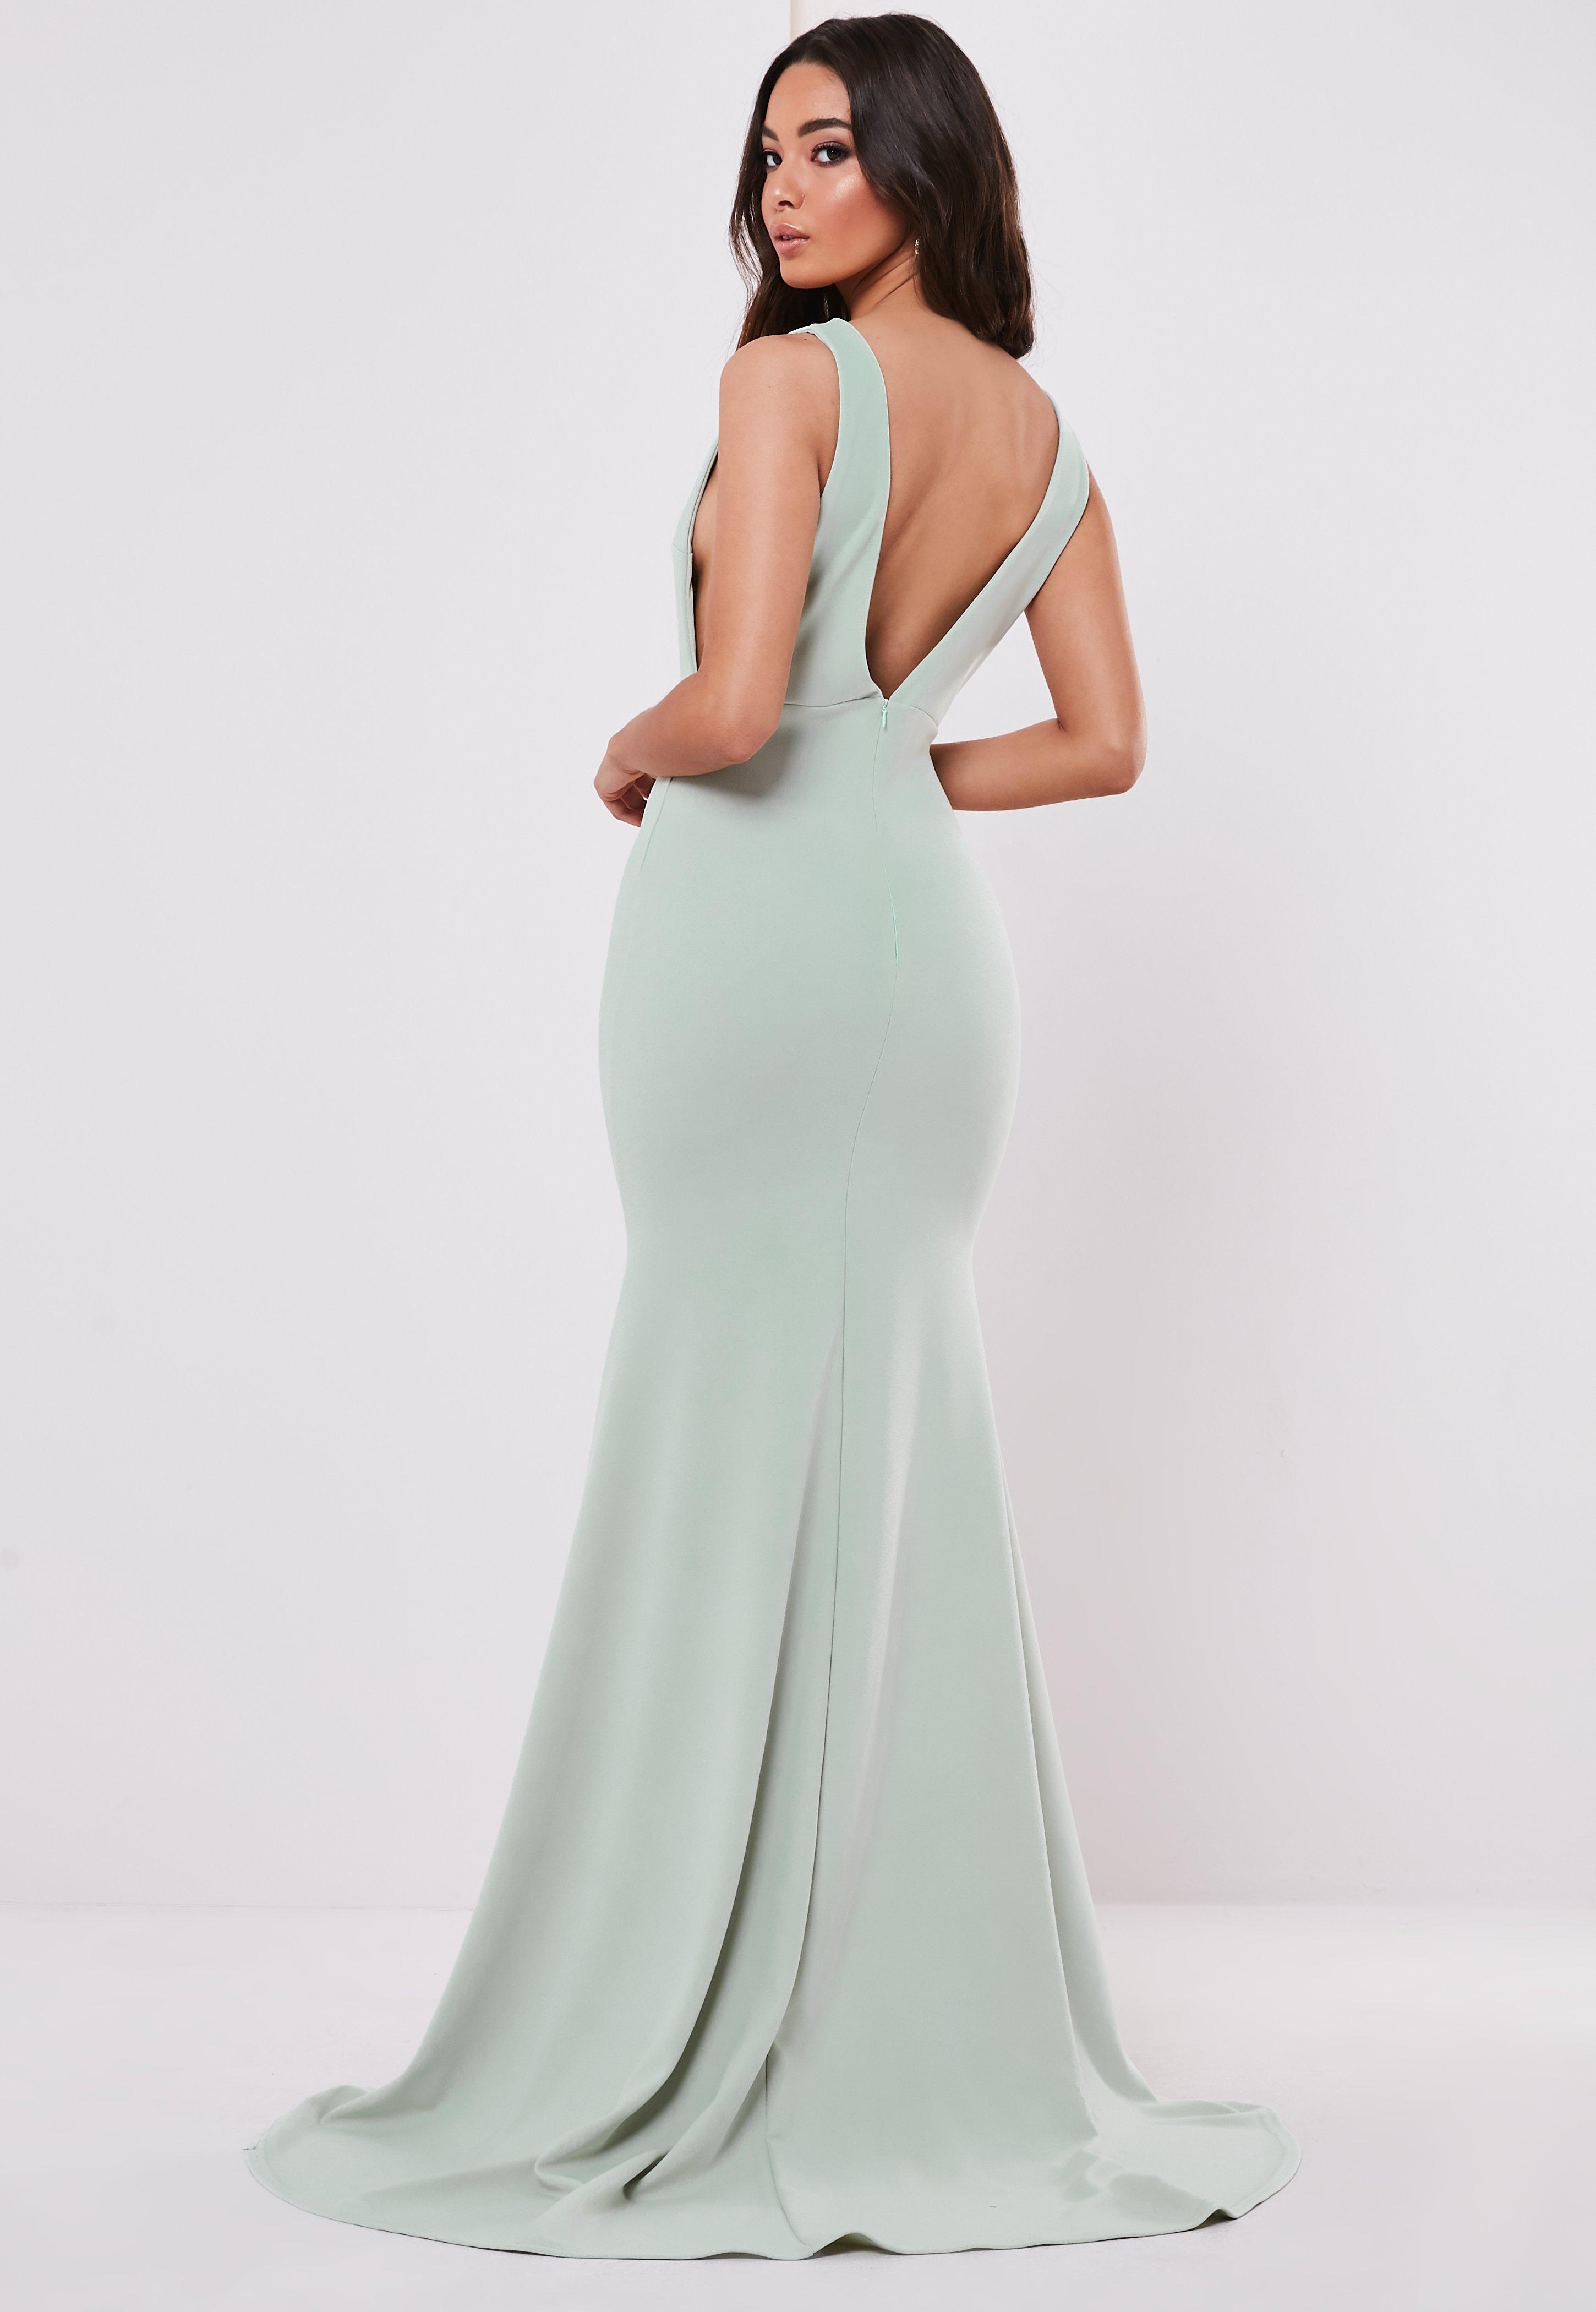 Kleid mit tiefem ruckenausschnitt bis zum po